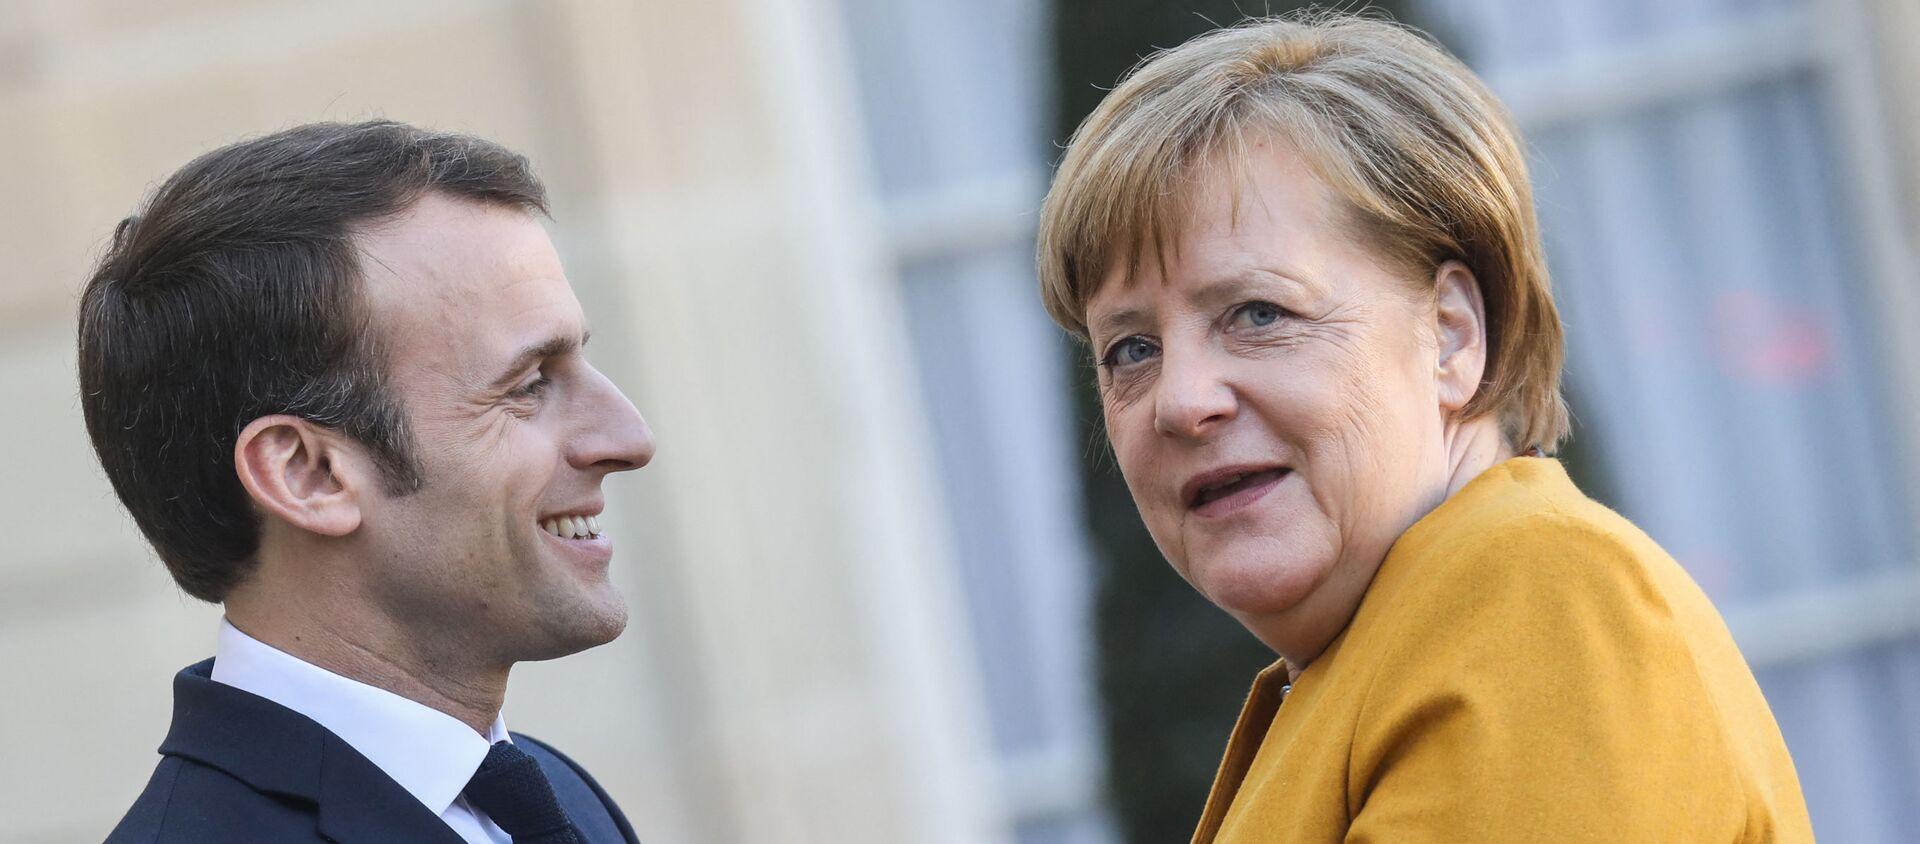 Emmanuel Macron accueille Angela Merkel à l'֤Élysée, 27 février 2019 - Sputnik France, 1920, 14.03.2021